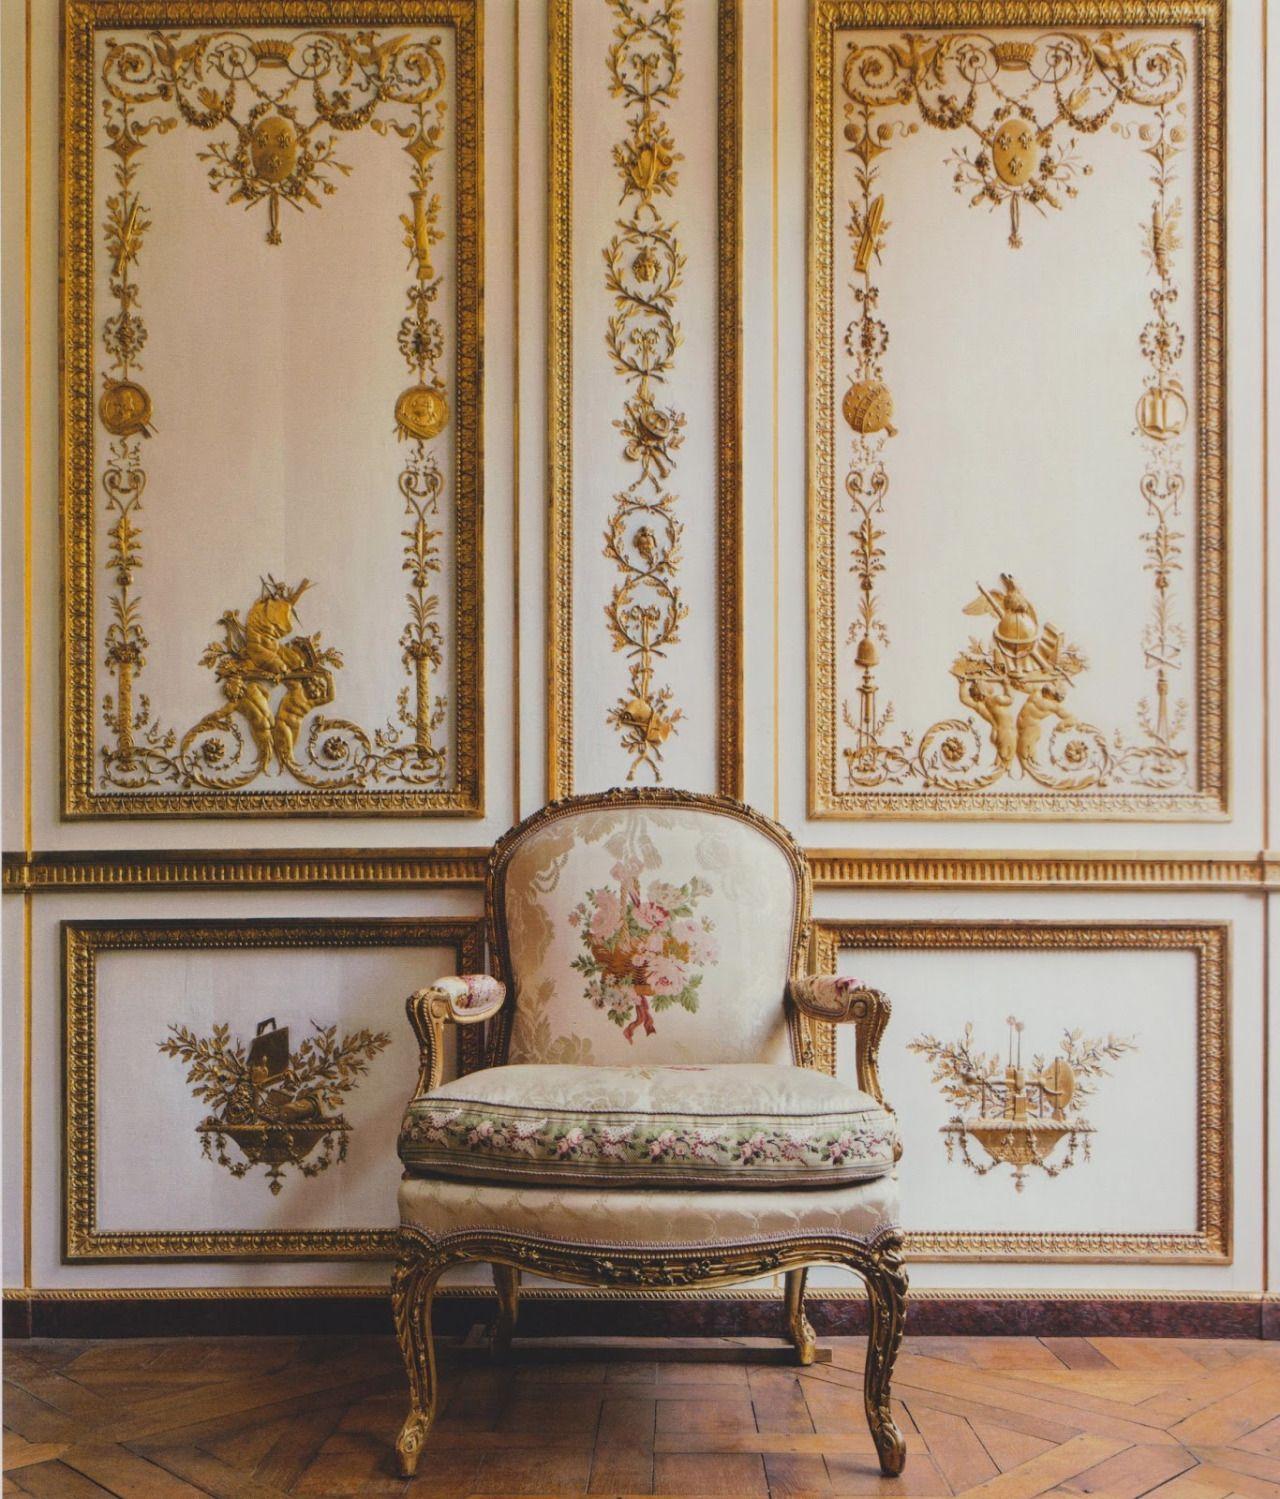 Château de Versailles, France.